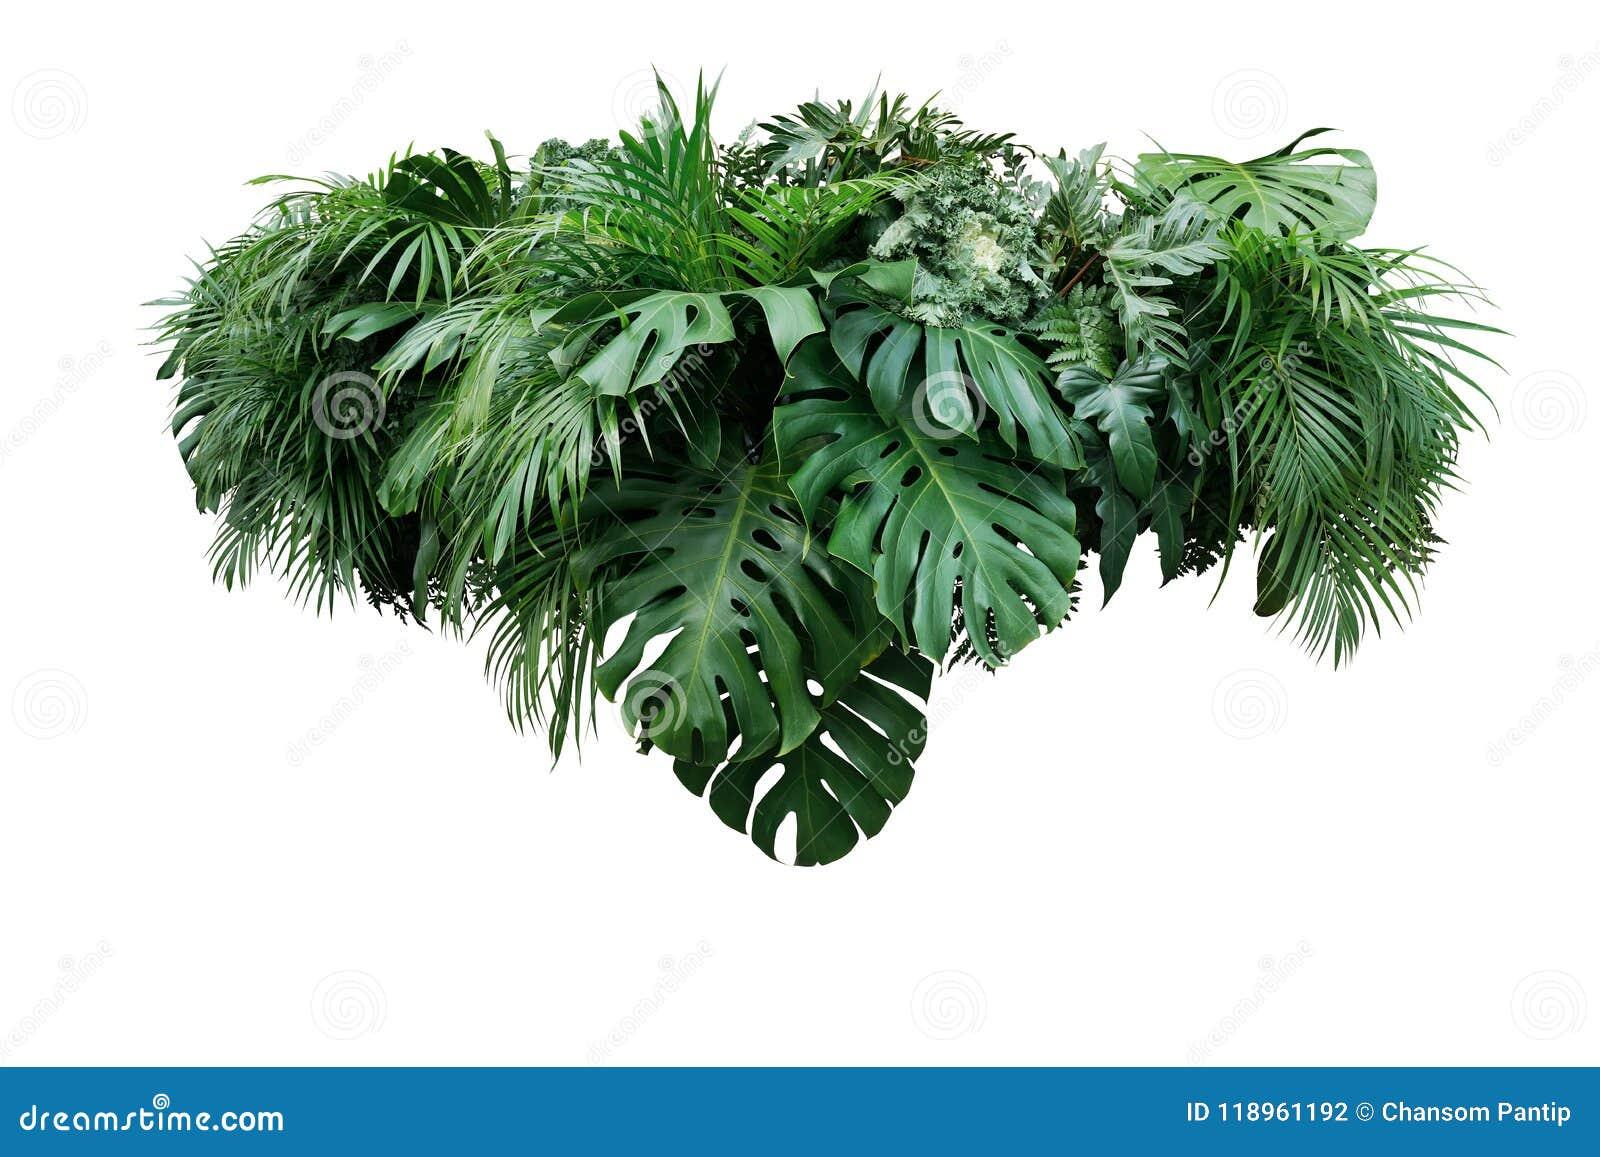 热带nat叶子叶子植物密林灌木的植物布置